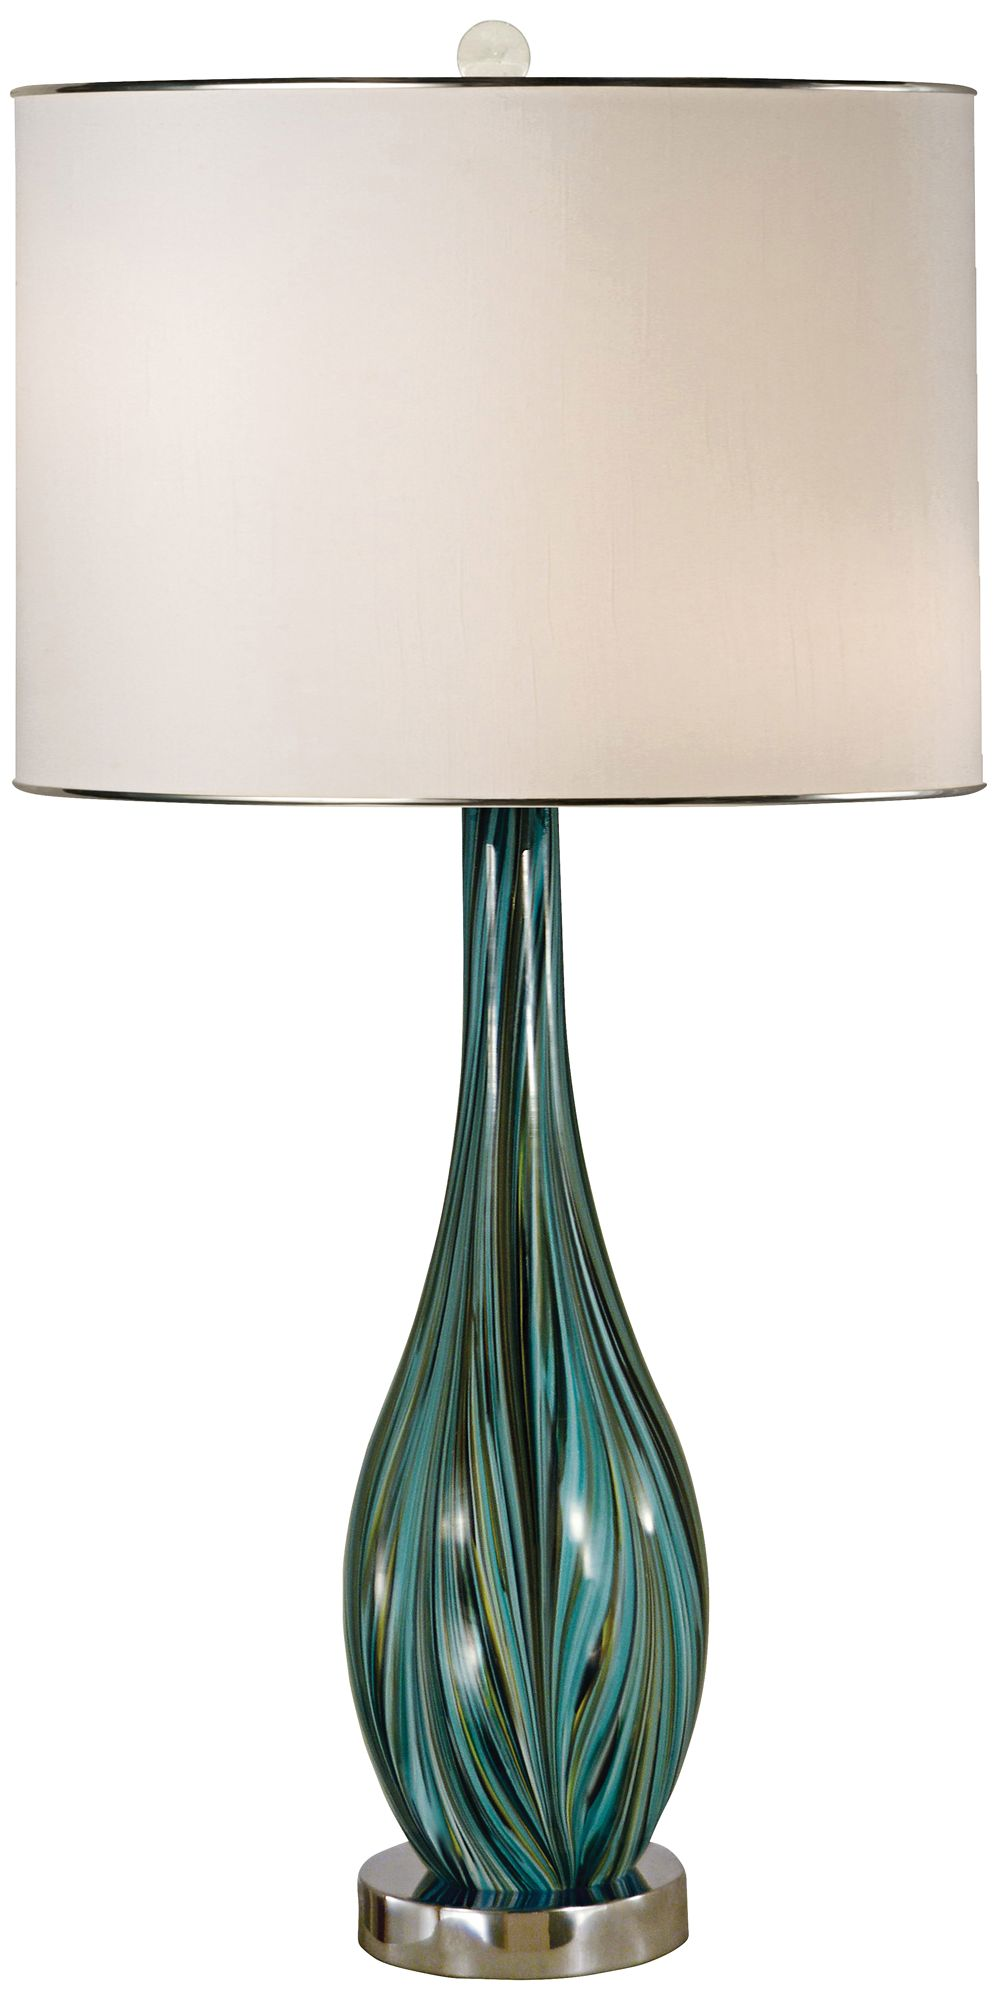 Thumprints Seafoam Blown Glass Table Lamp